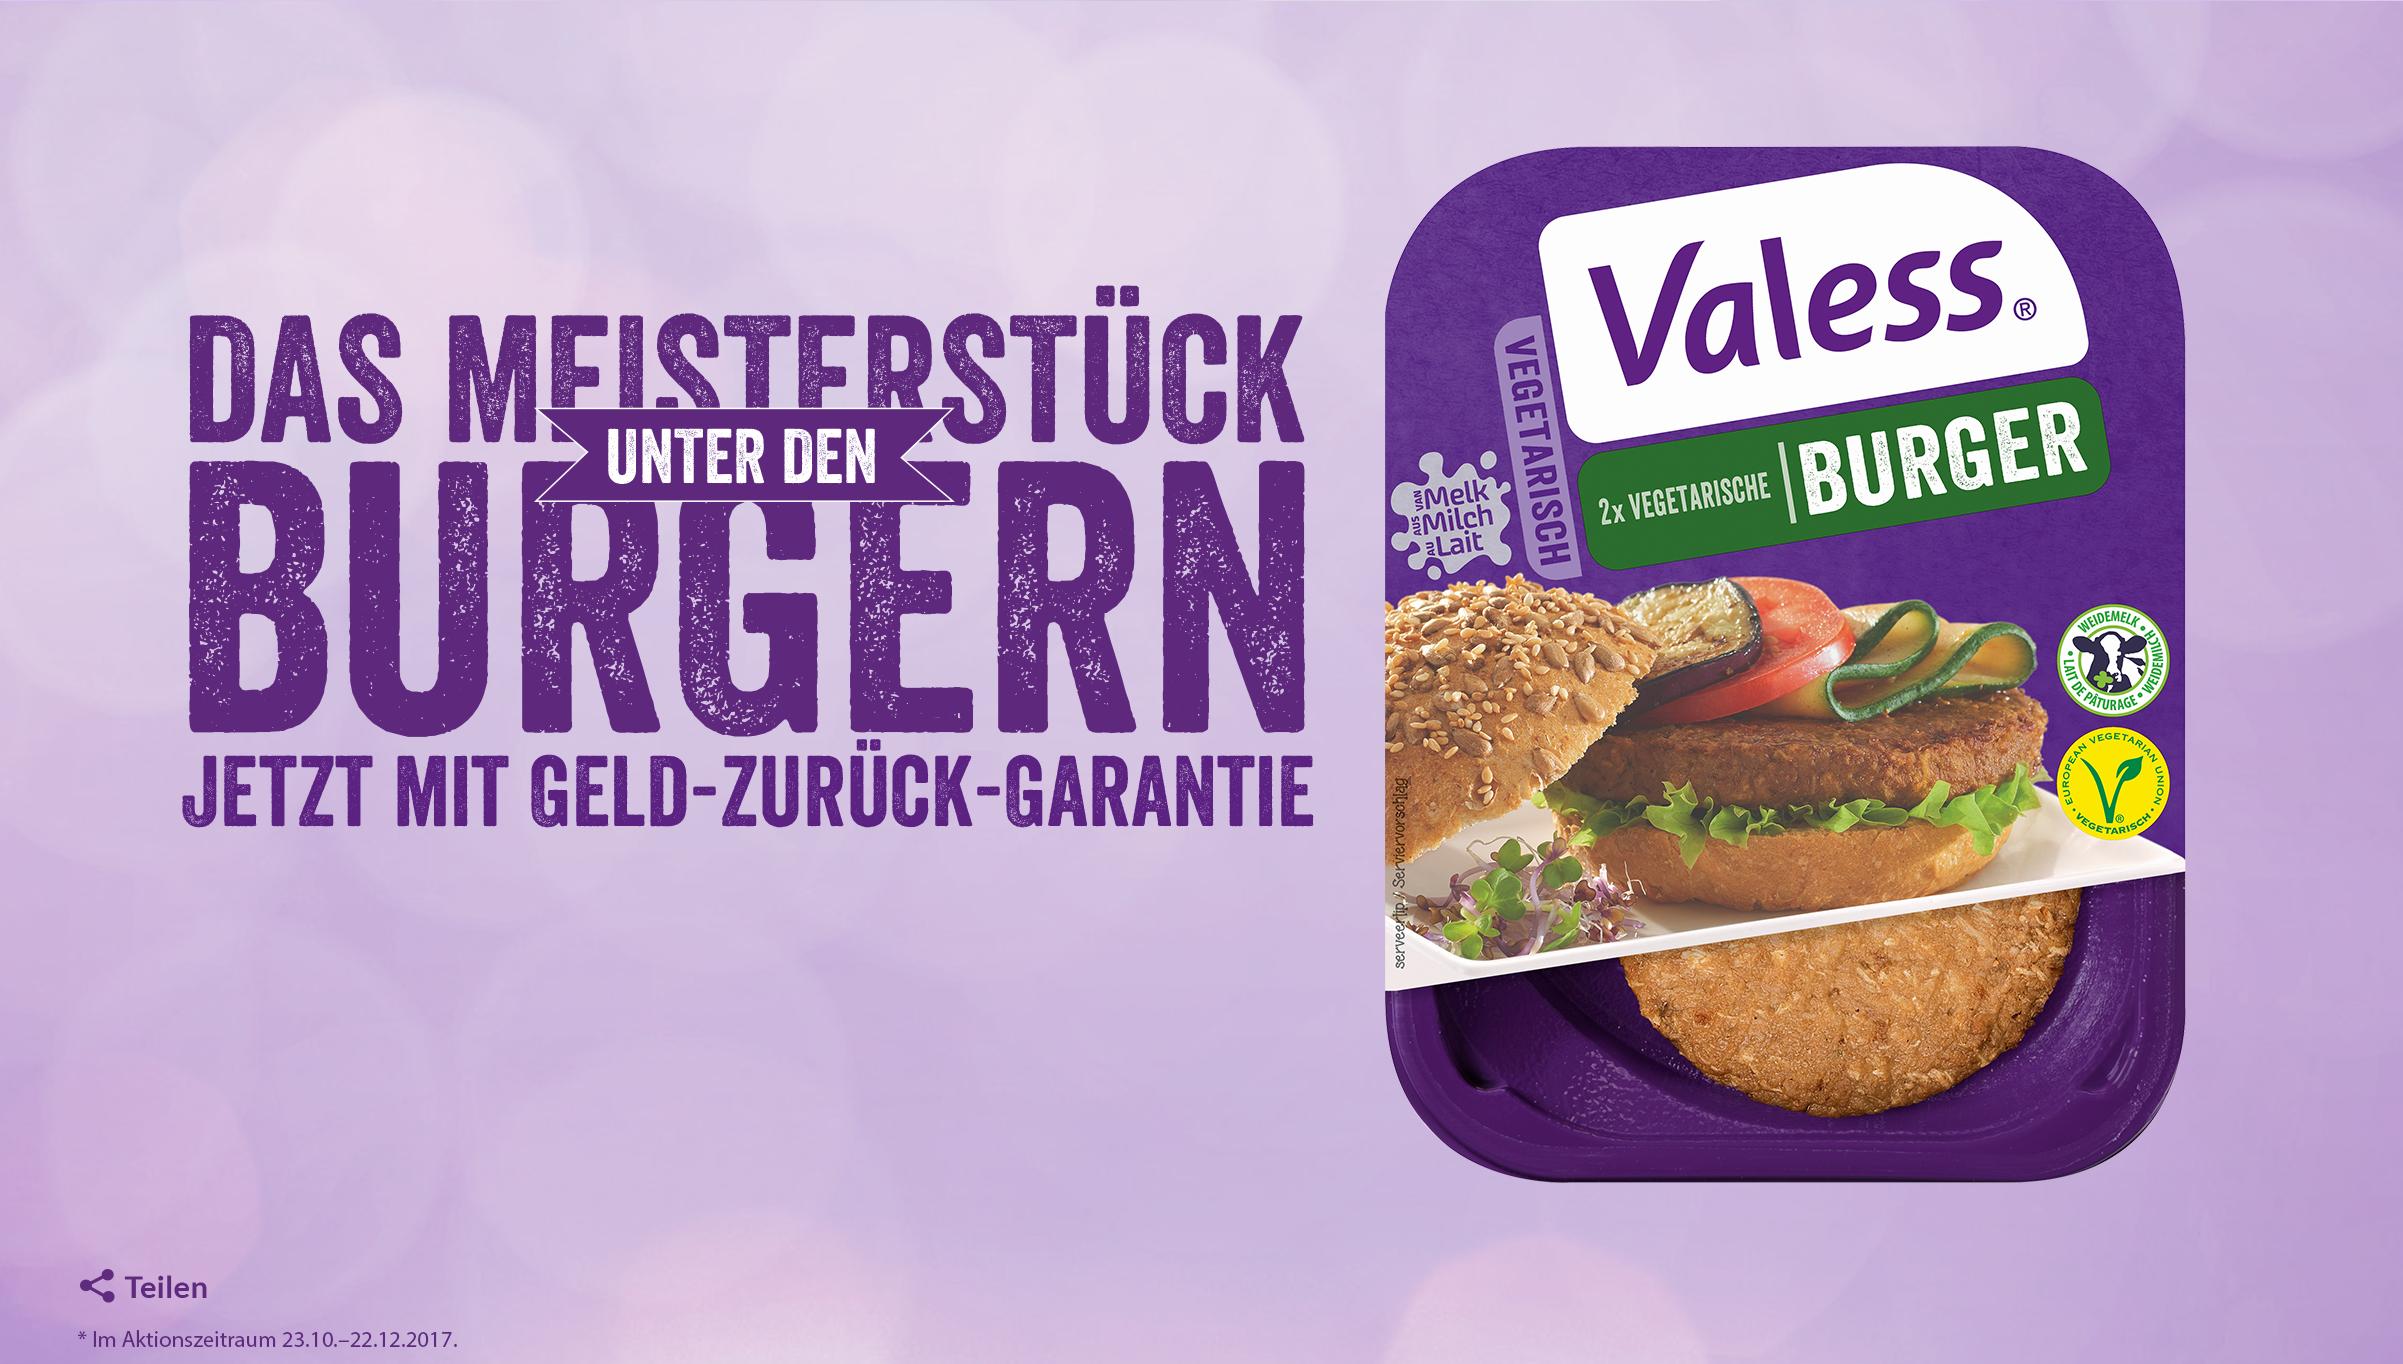 Valess Burger - GzG bei Unzufriedenheit